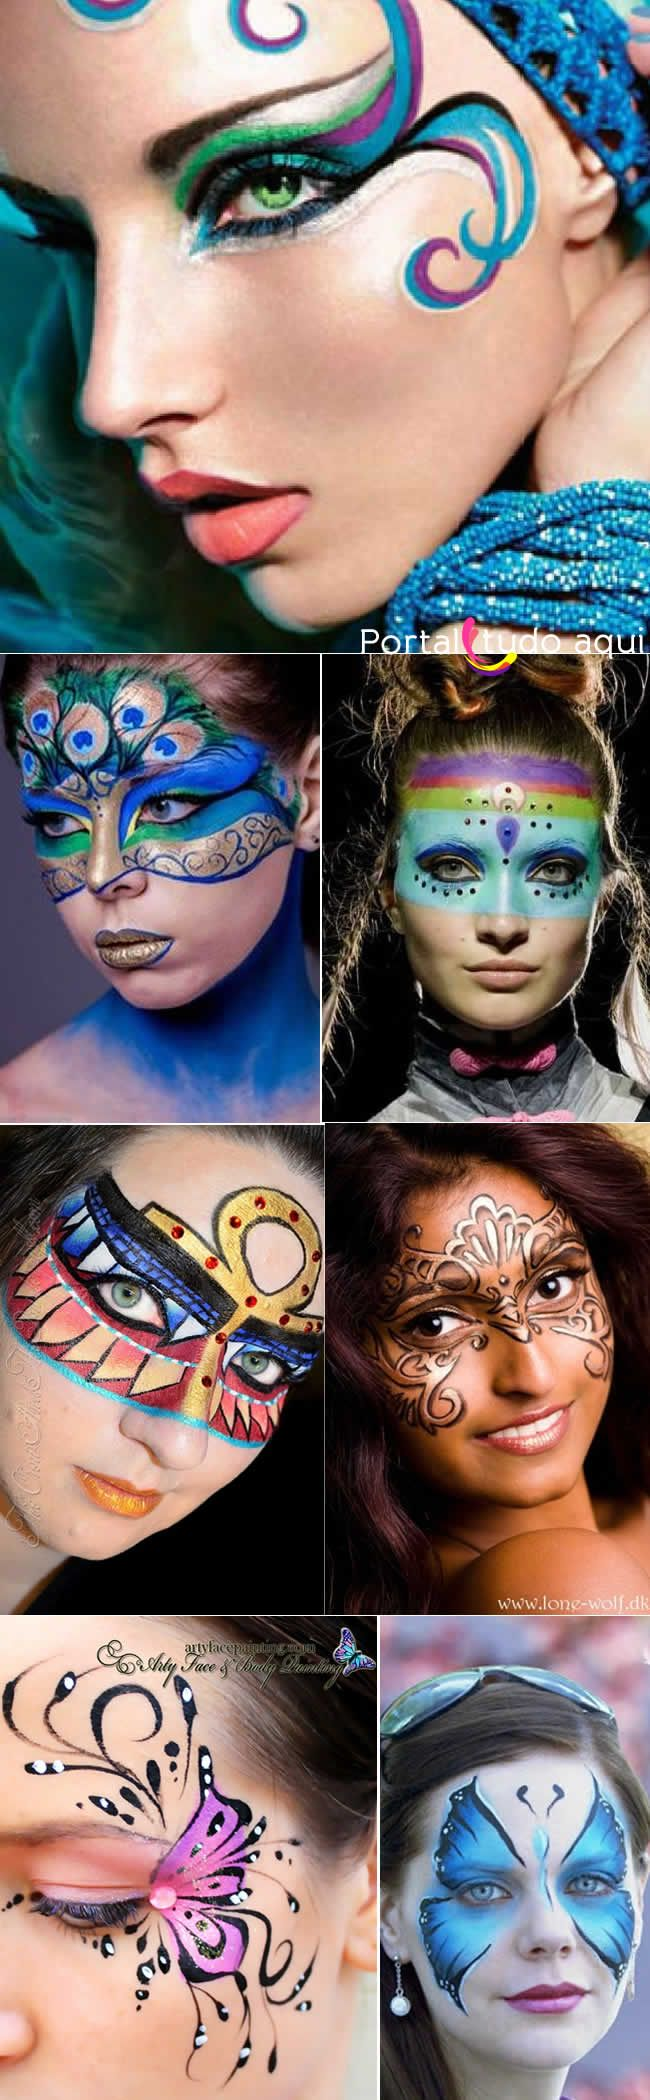 Veja dicas e fotos de maquiagem para o carnaval com brilho, strass e glitter